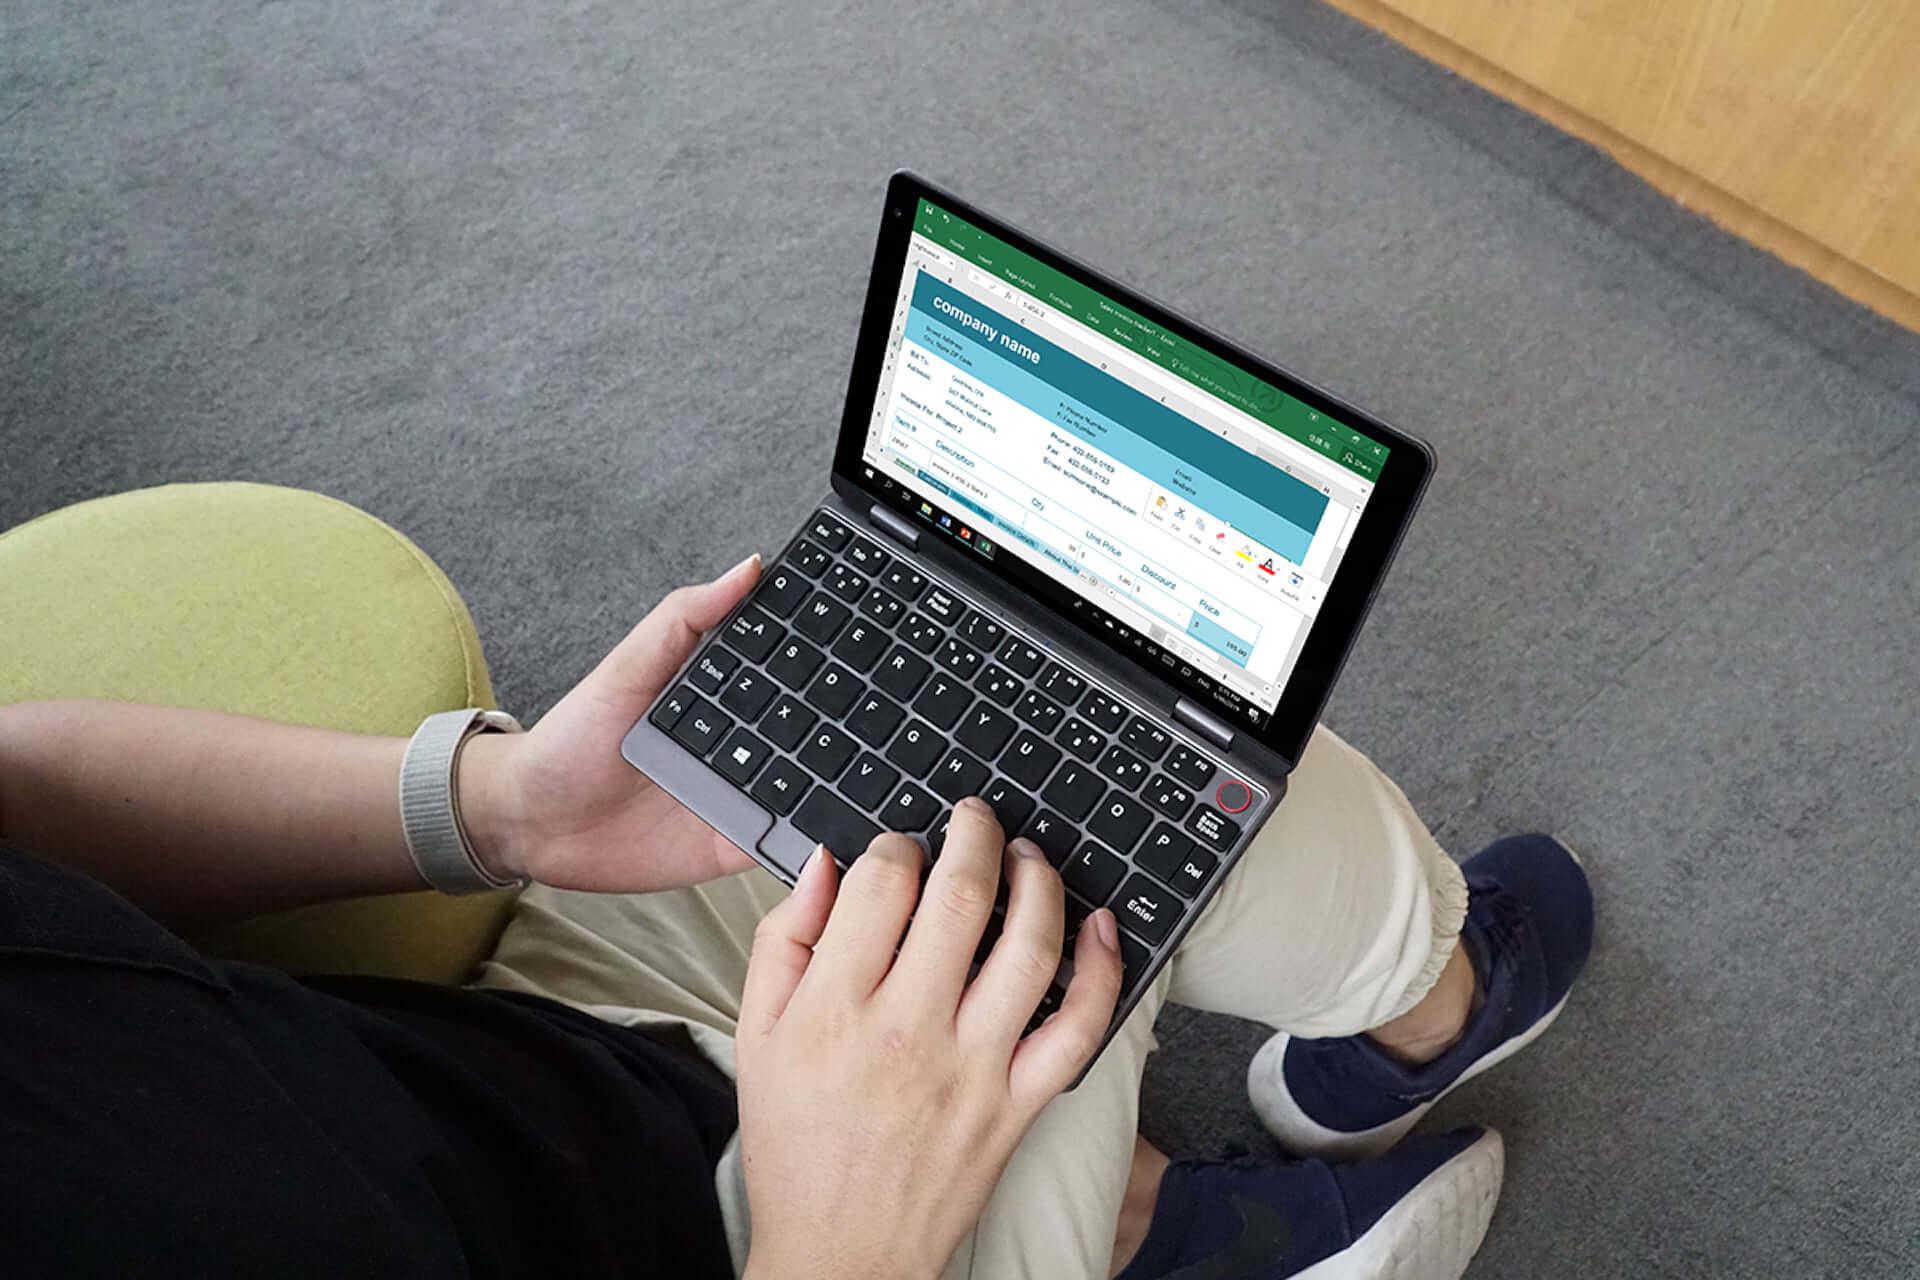 ポケットから出てくるのは手のひらサイズのPC!?クラウドファンディングにミニPC「MiniBook」登場 tech190912_minibook_1-1920x1280